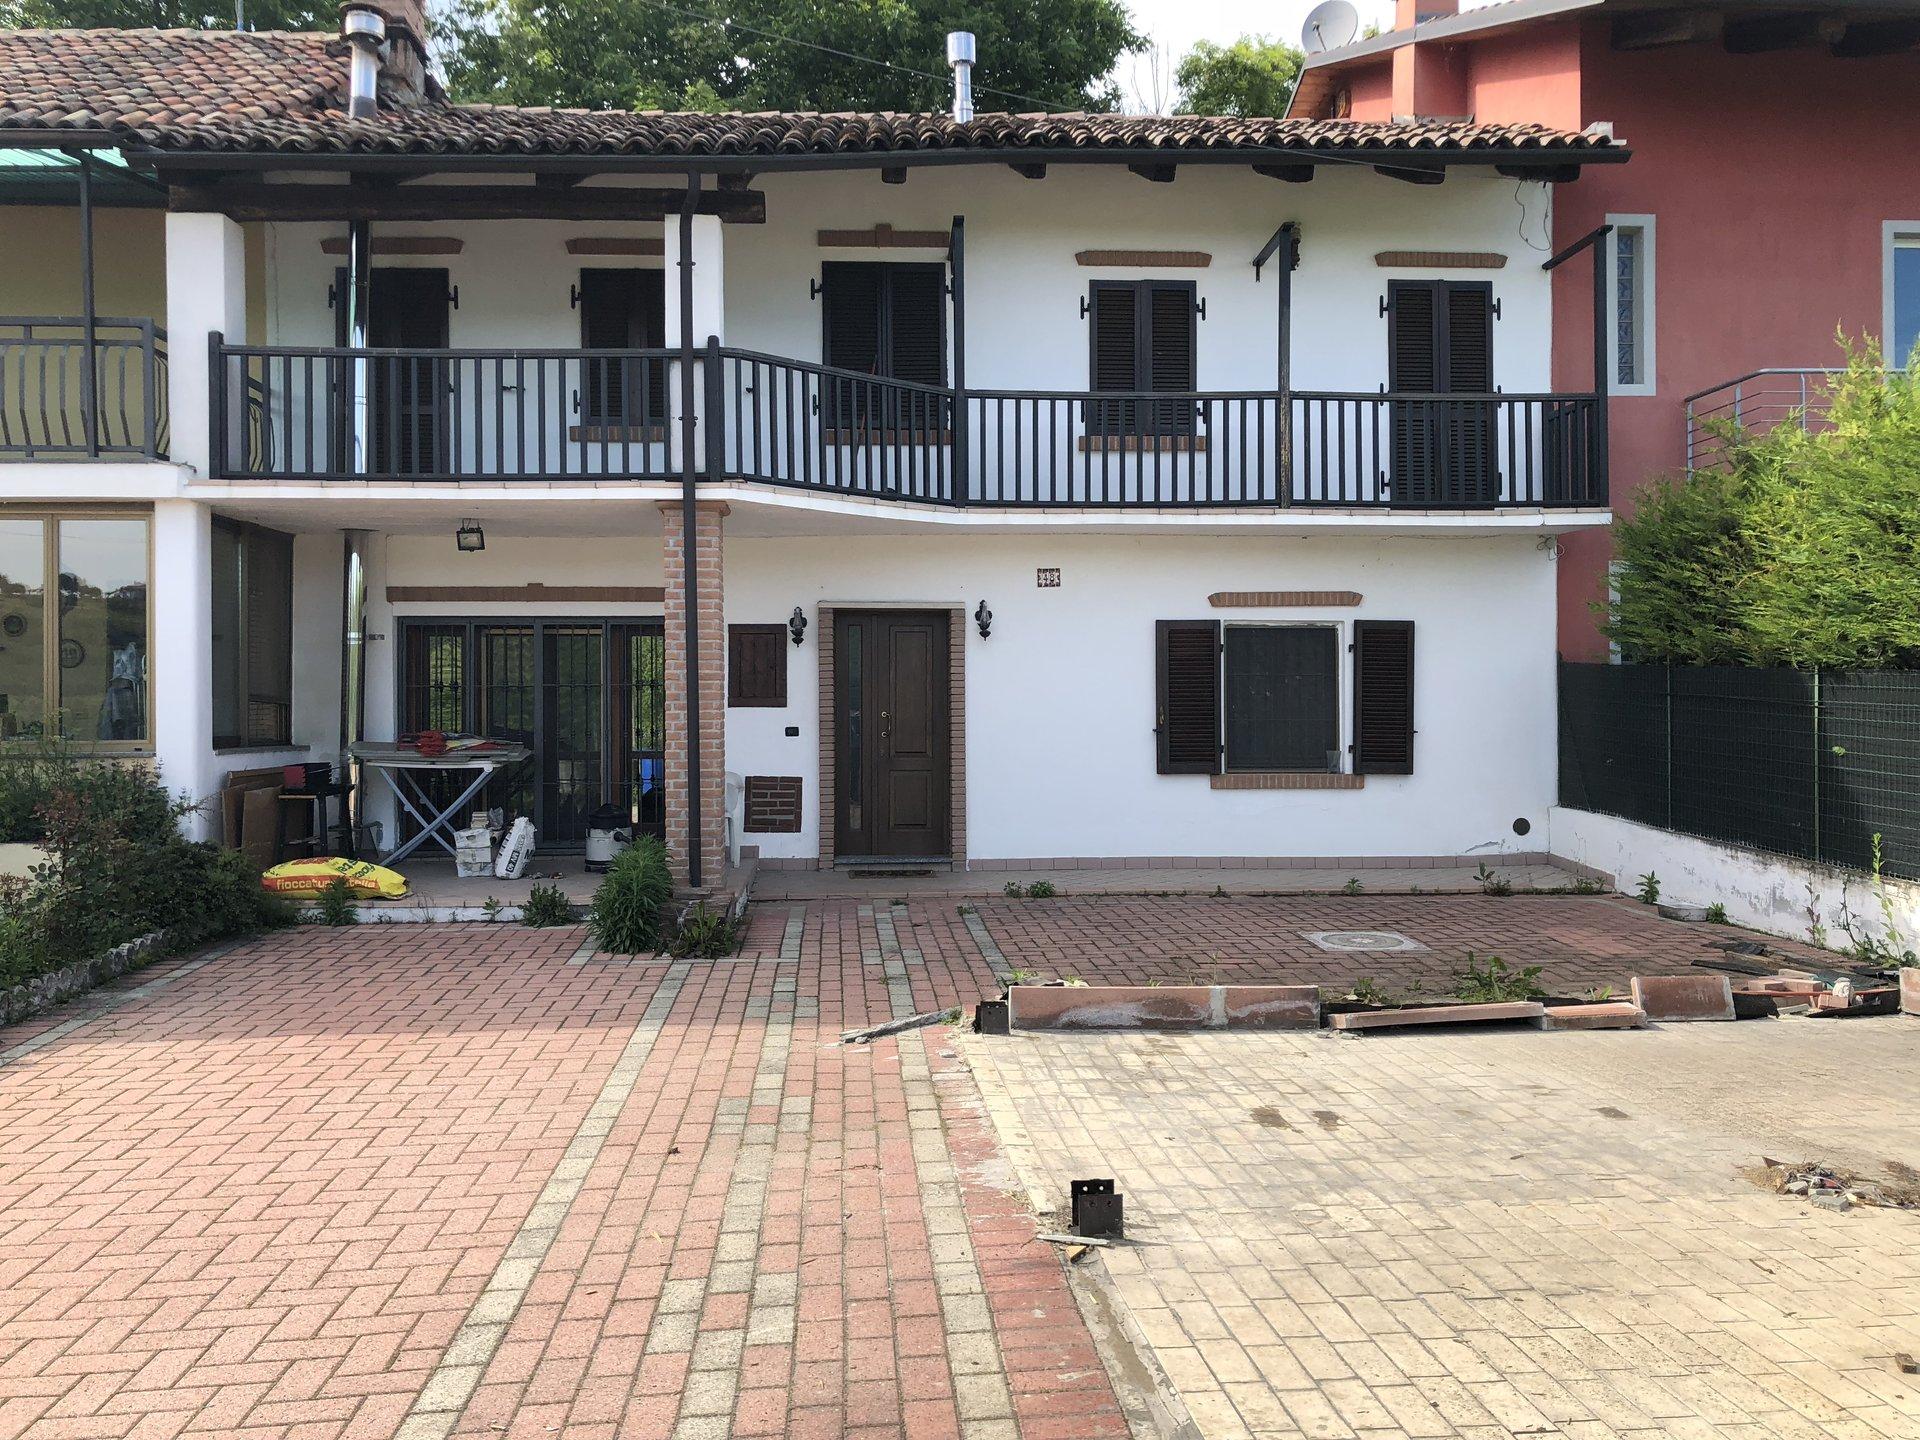 Casa ristrutturata con cortile privato